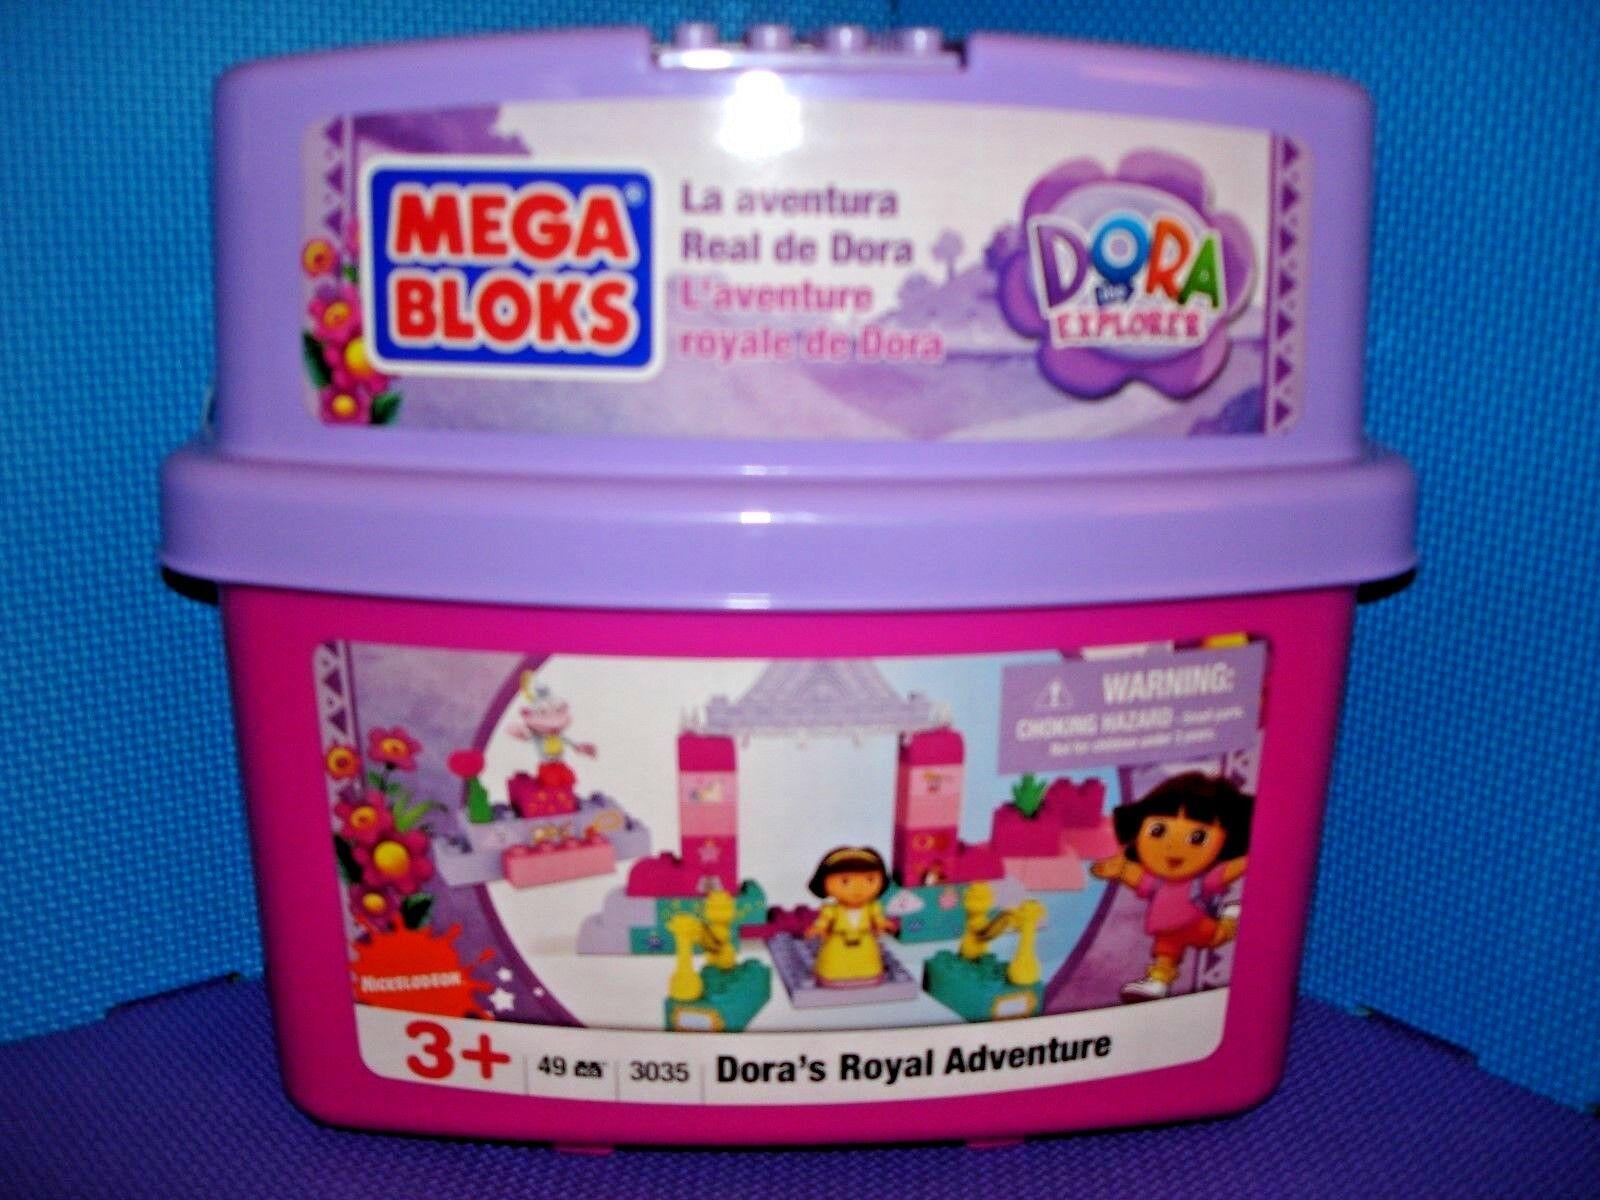 Mega Mega Mega Bloks 3035 Dora's Royal Adventure with Storage Tub Sealed RARE HTF 2009 NEW 23ec1e